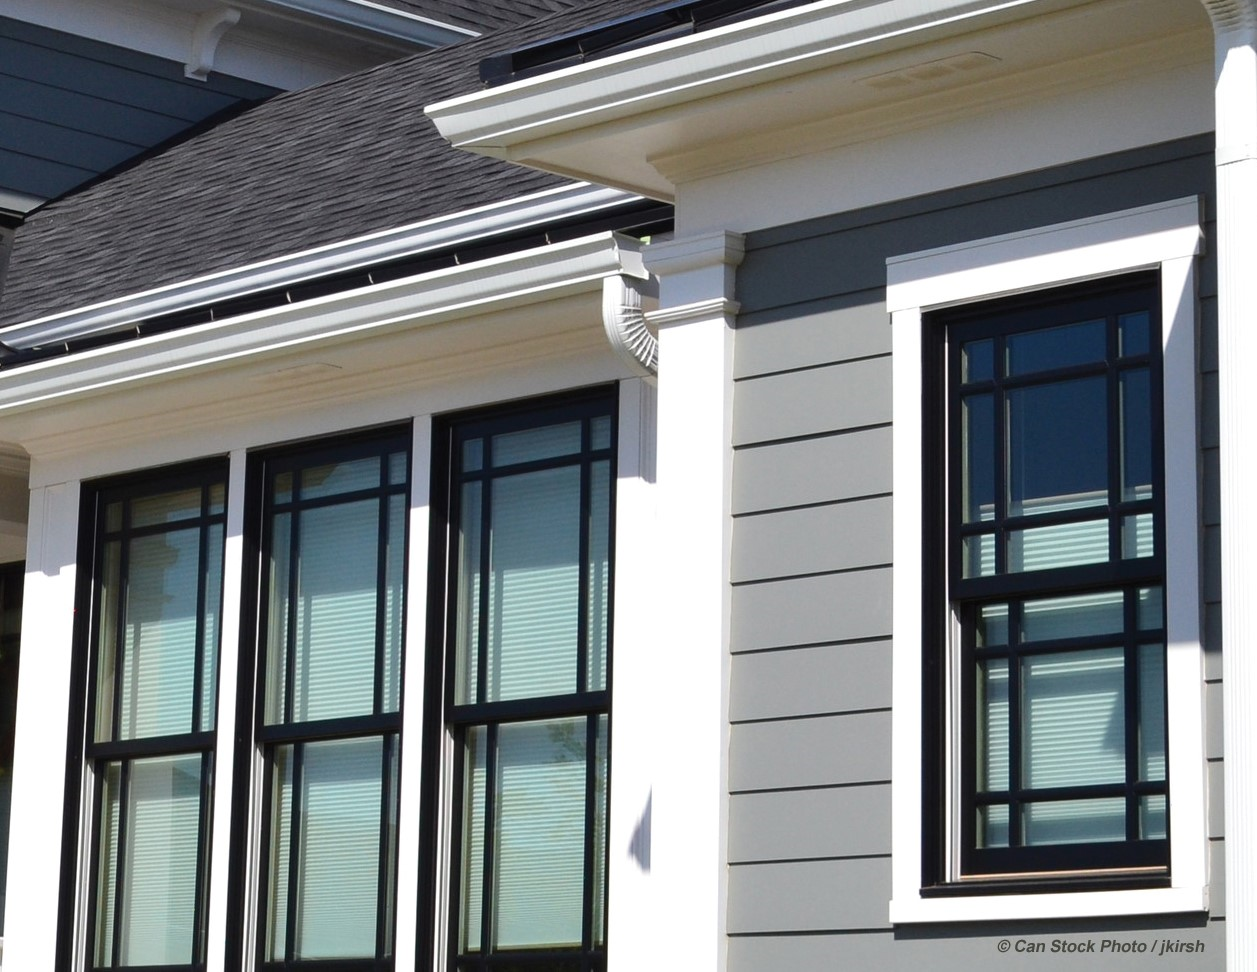 Are black windows a trend?